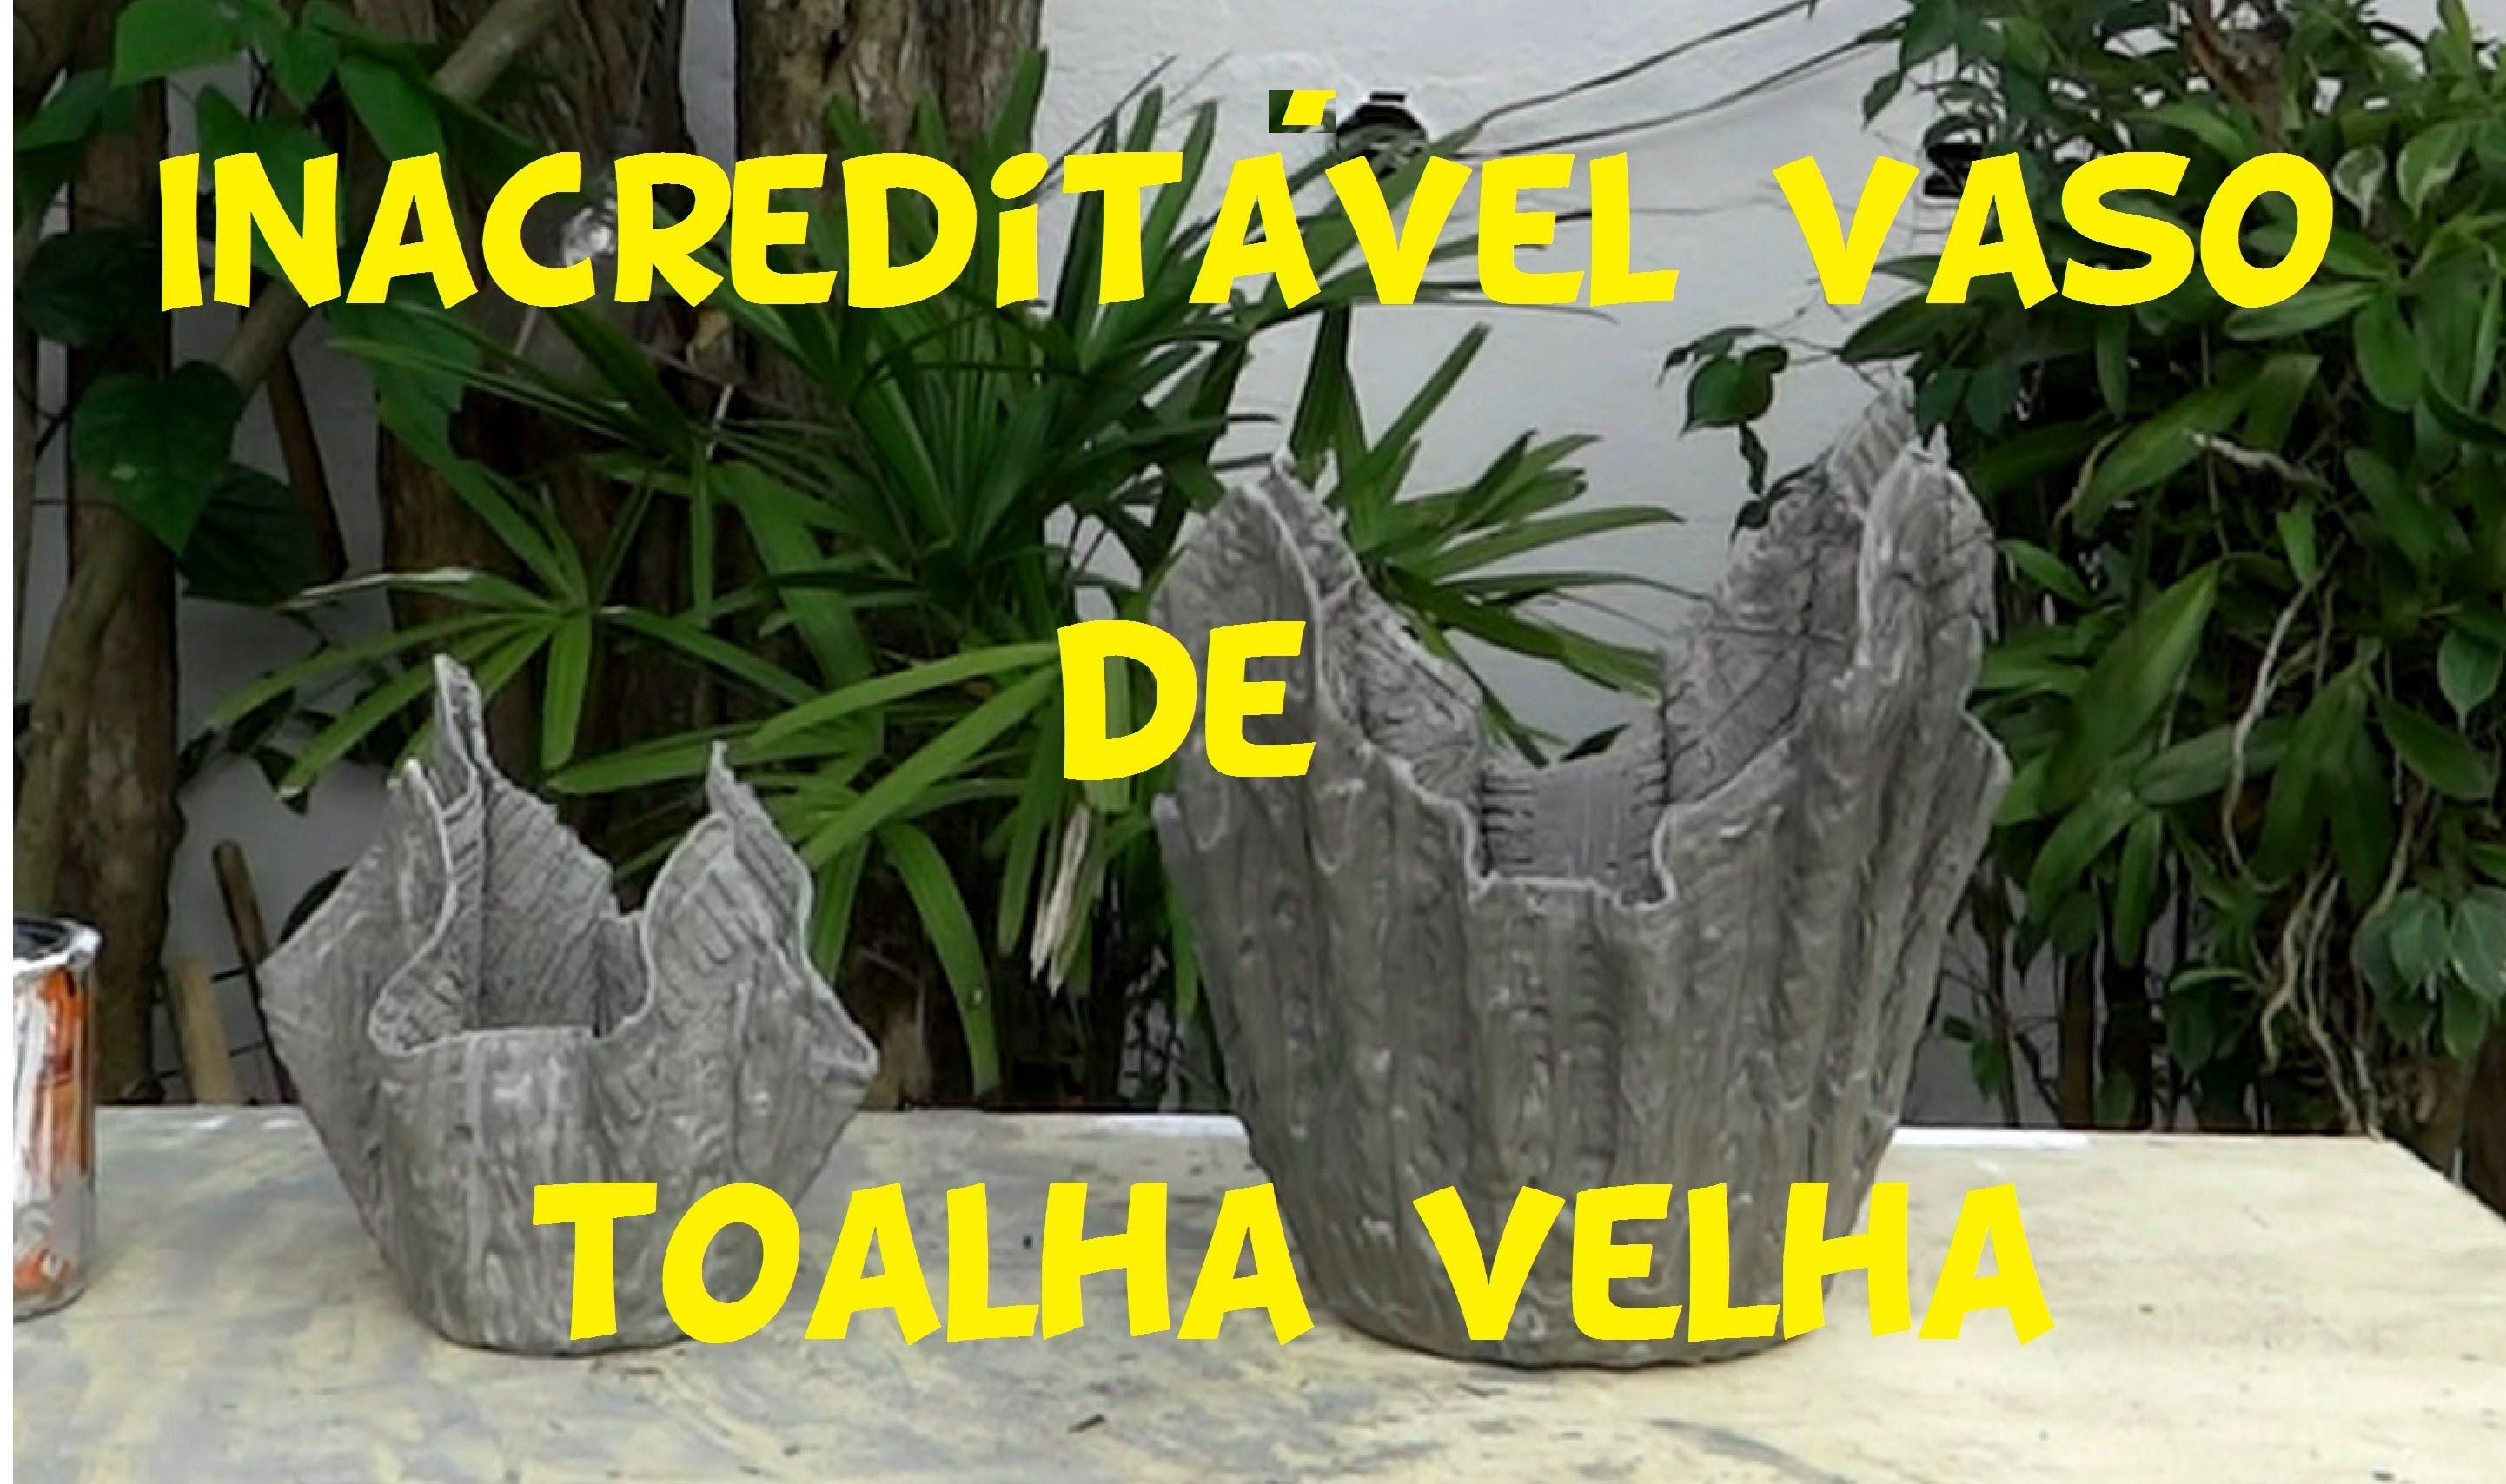 INACREDITÁVEL VASO DE TOALHA VELHA